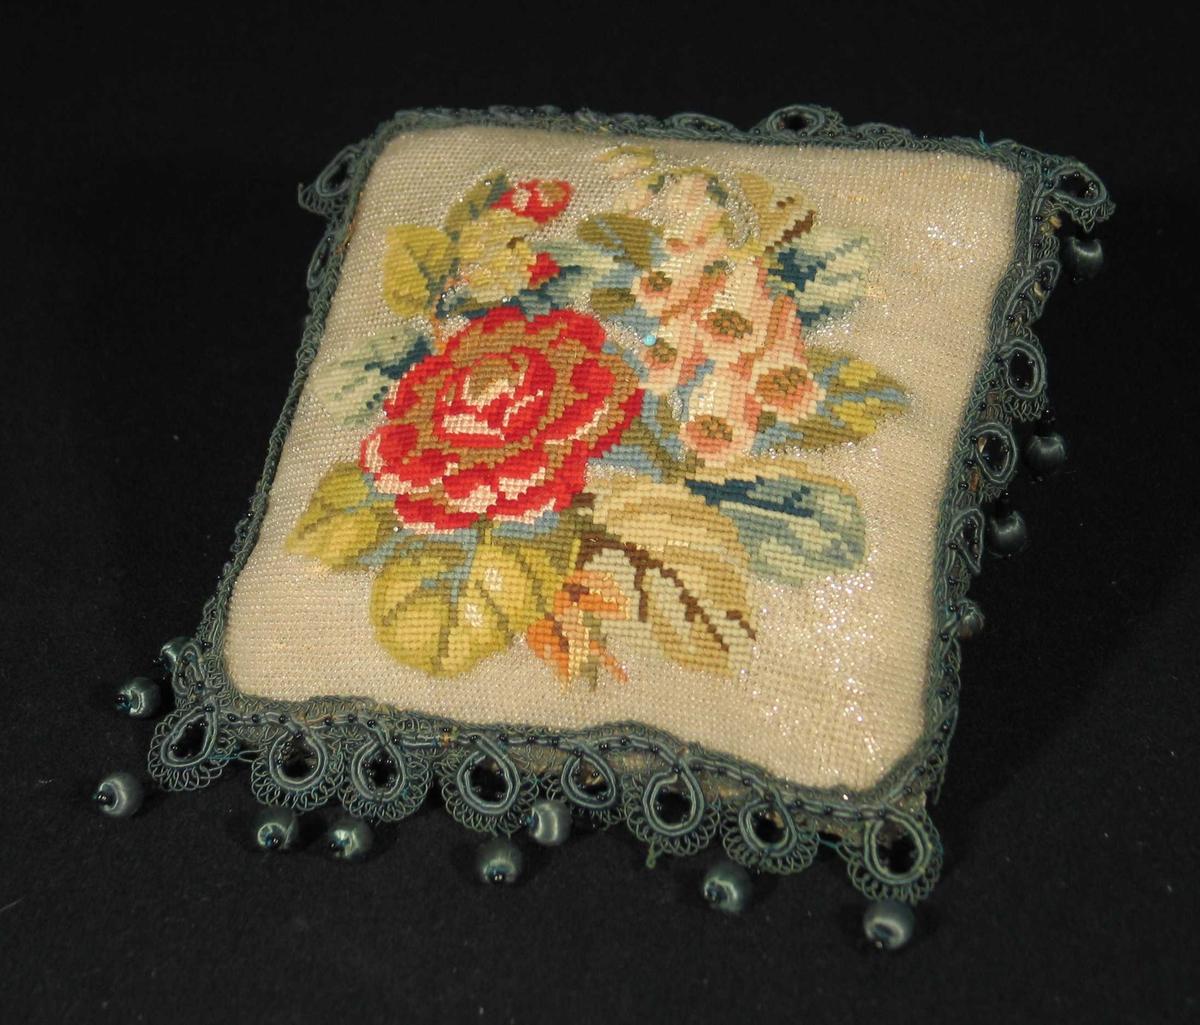 Firkantet brodert nålpute; ytterst blanke perler, innerst diamantsydde roser i rødt, blått og grønn-nyanser. Puten er kantet med possementsbord med fritthengende dobber i grønt med svarte perler. Slitt mønstret silkefor på baksiden.